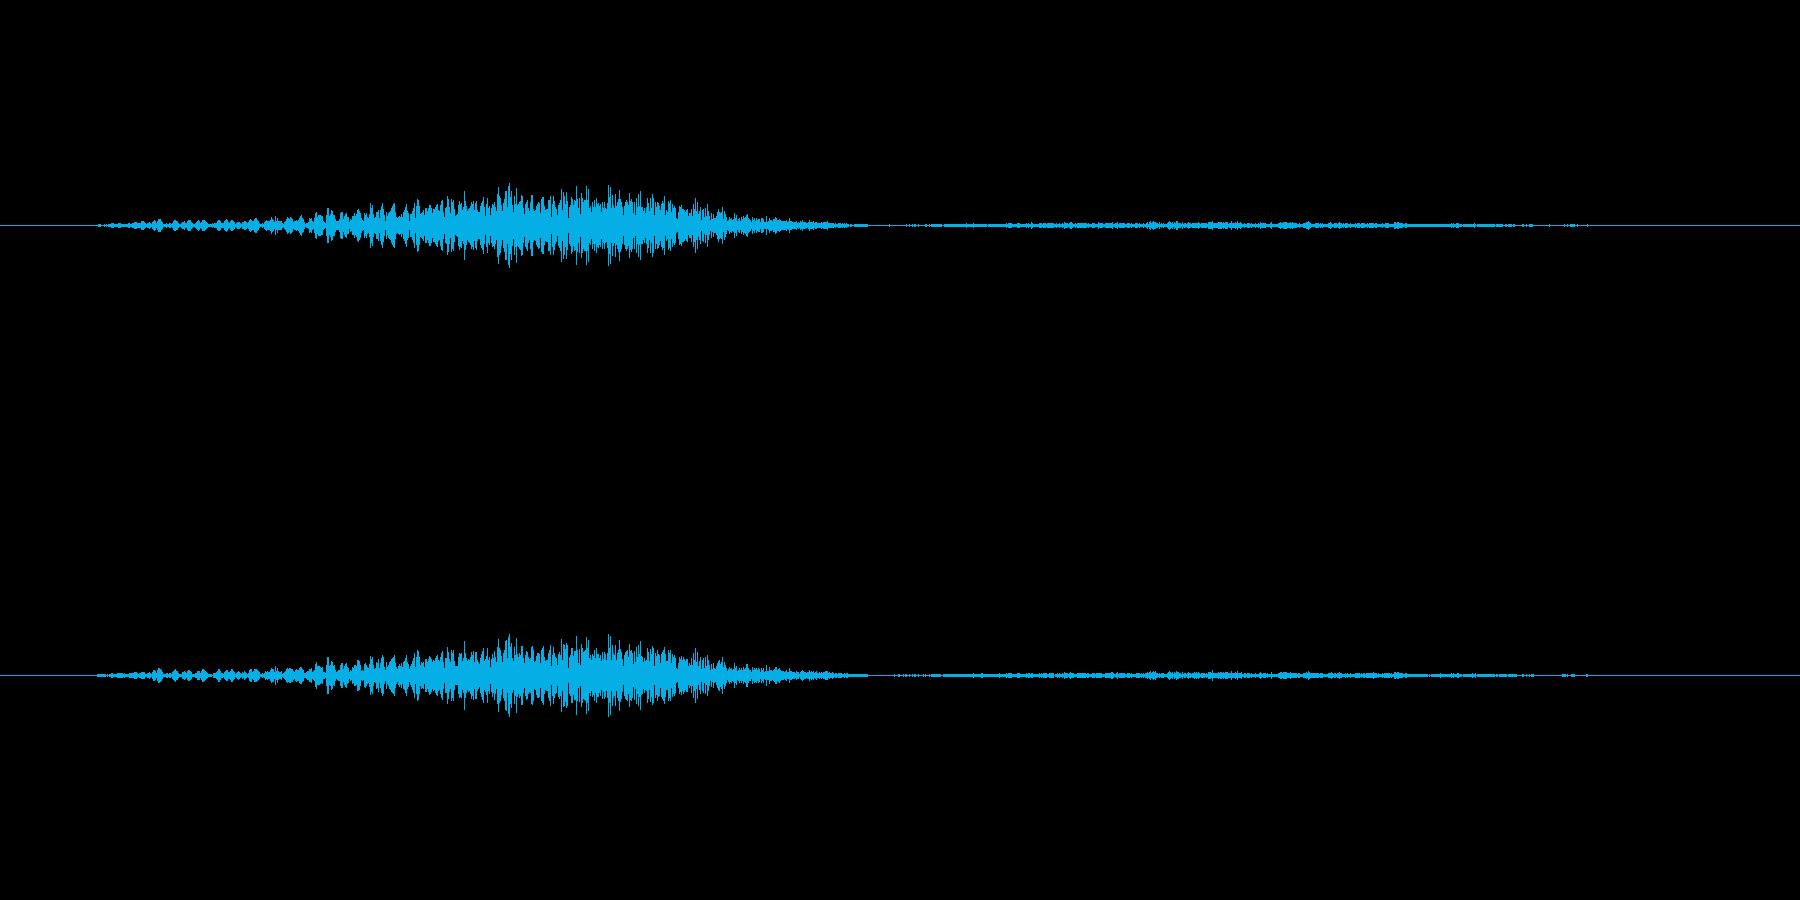 【子供の戦闘ボイス】ぐっ……!(復帰)の再生済みの波形